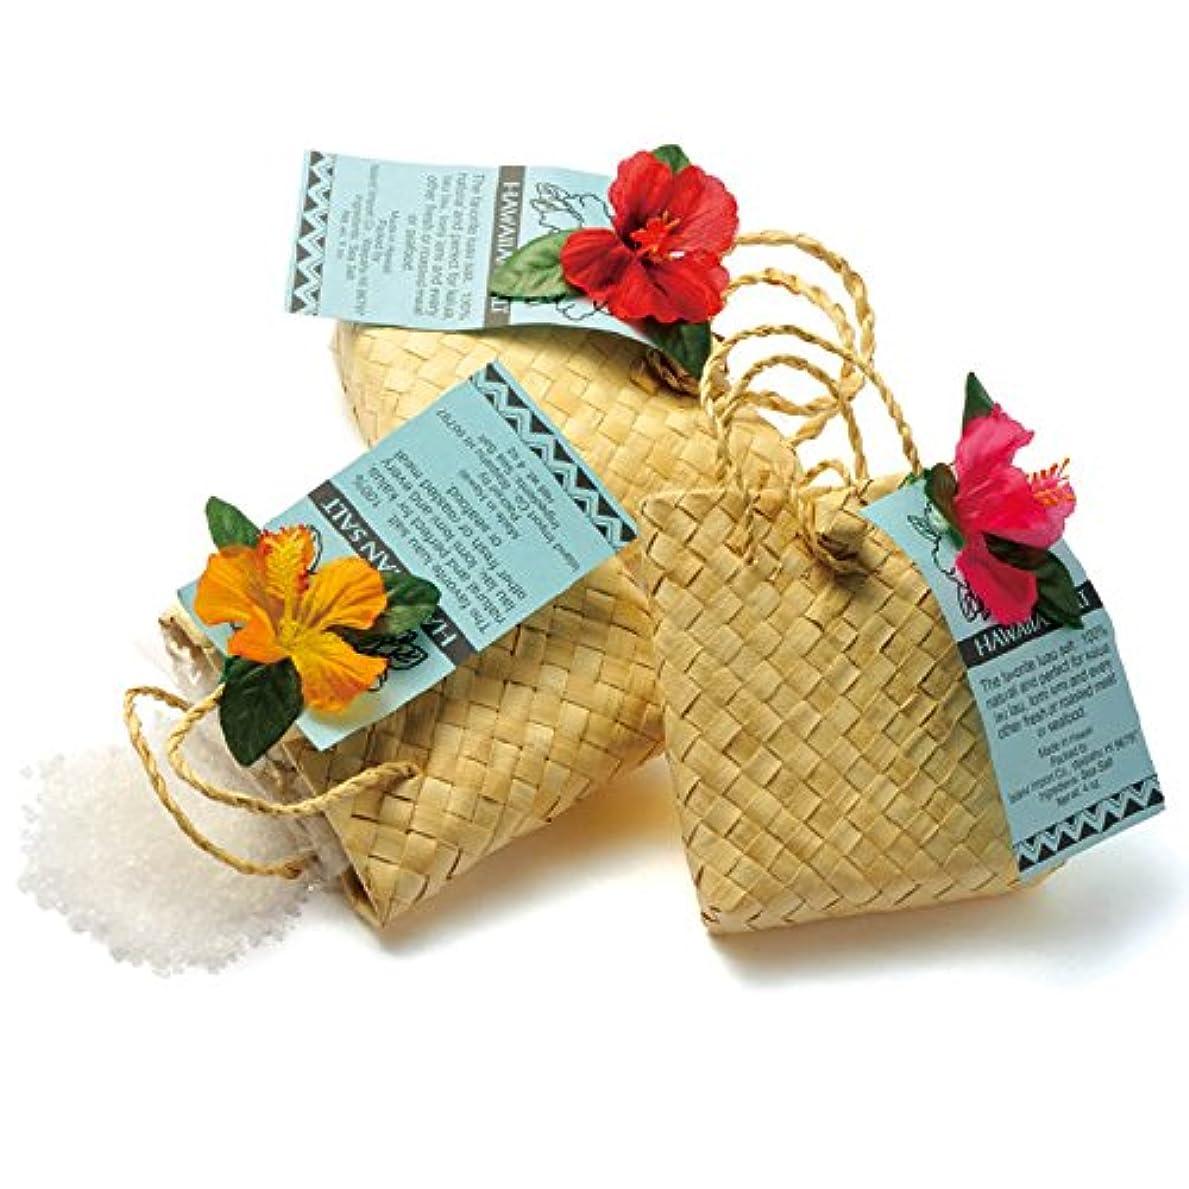 トーナメント分泌する血統ハワイ 土産 ハワイ ソルトバッグ入り 3袋セット (海外旅行 ハワイ お土産)